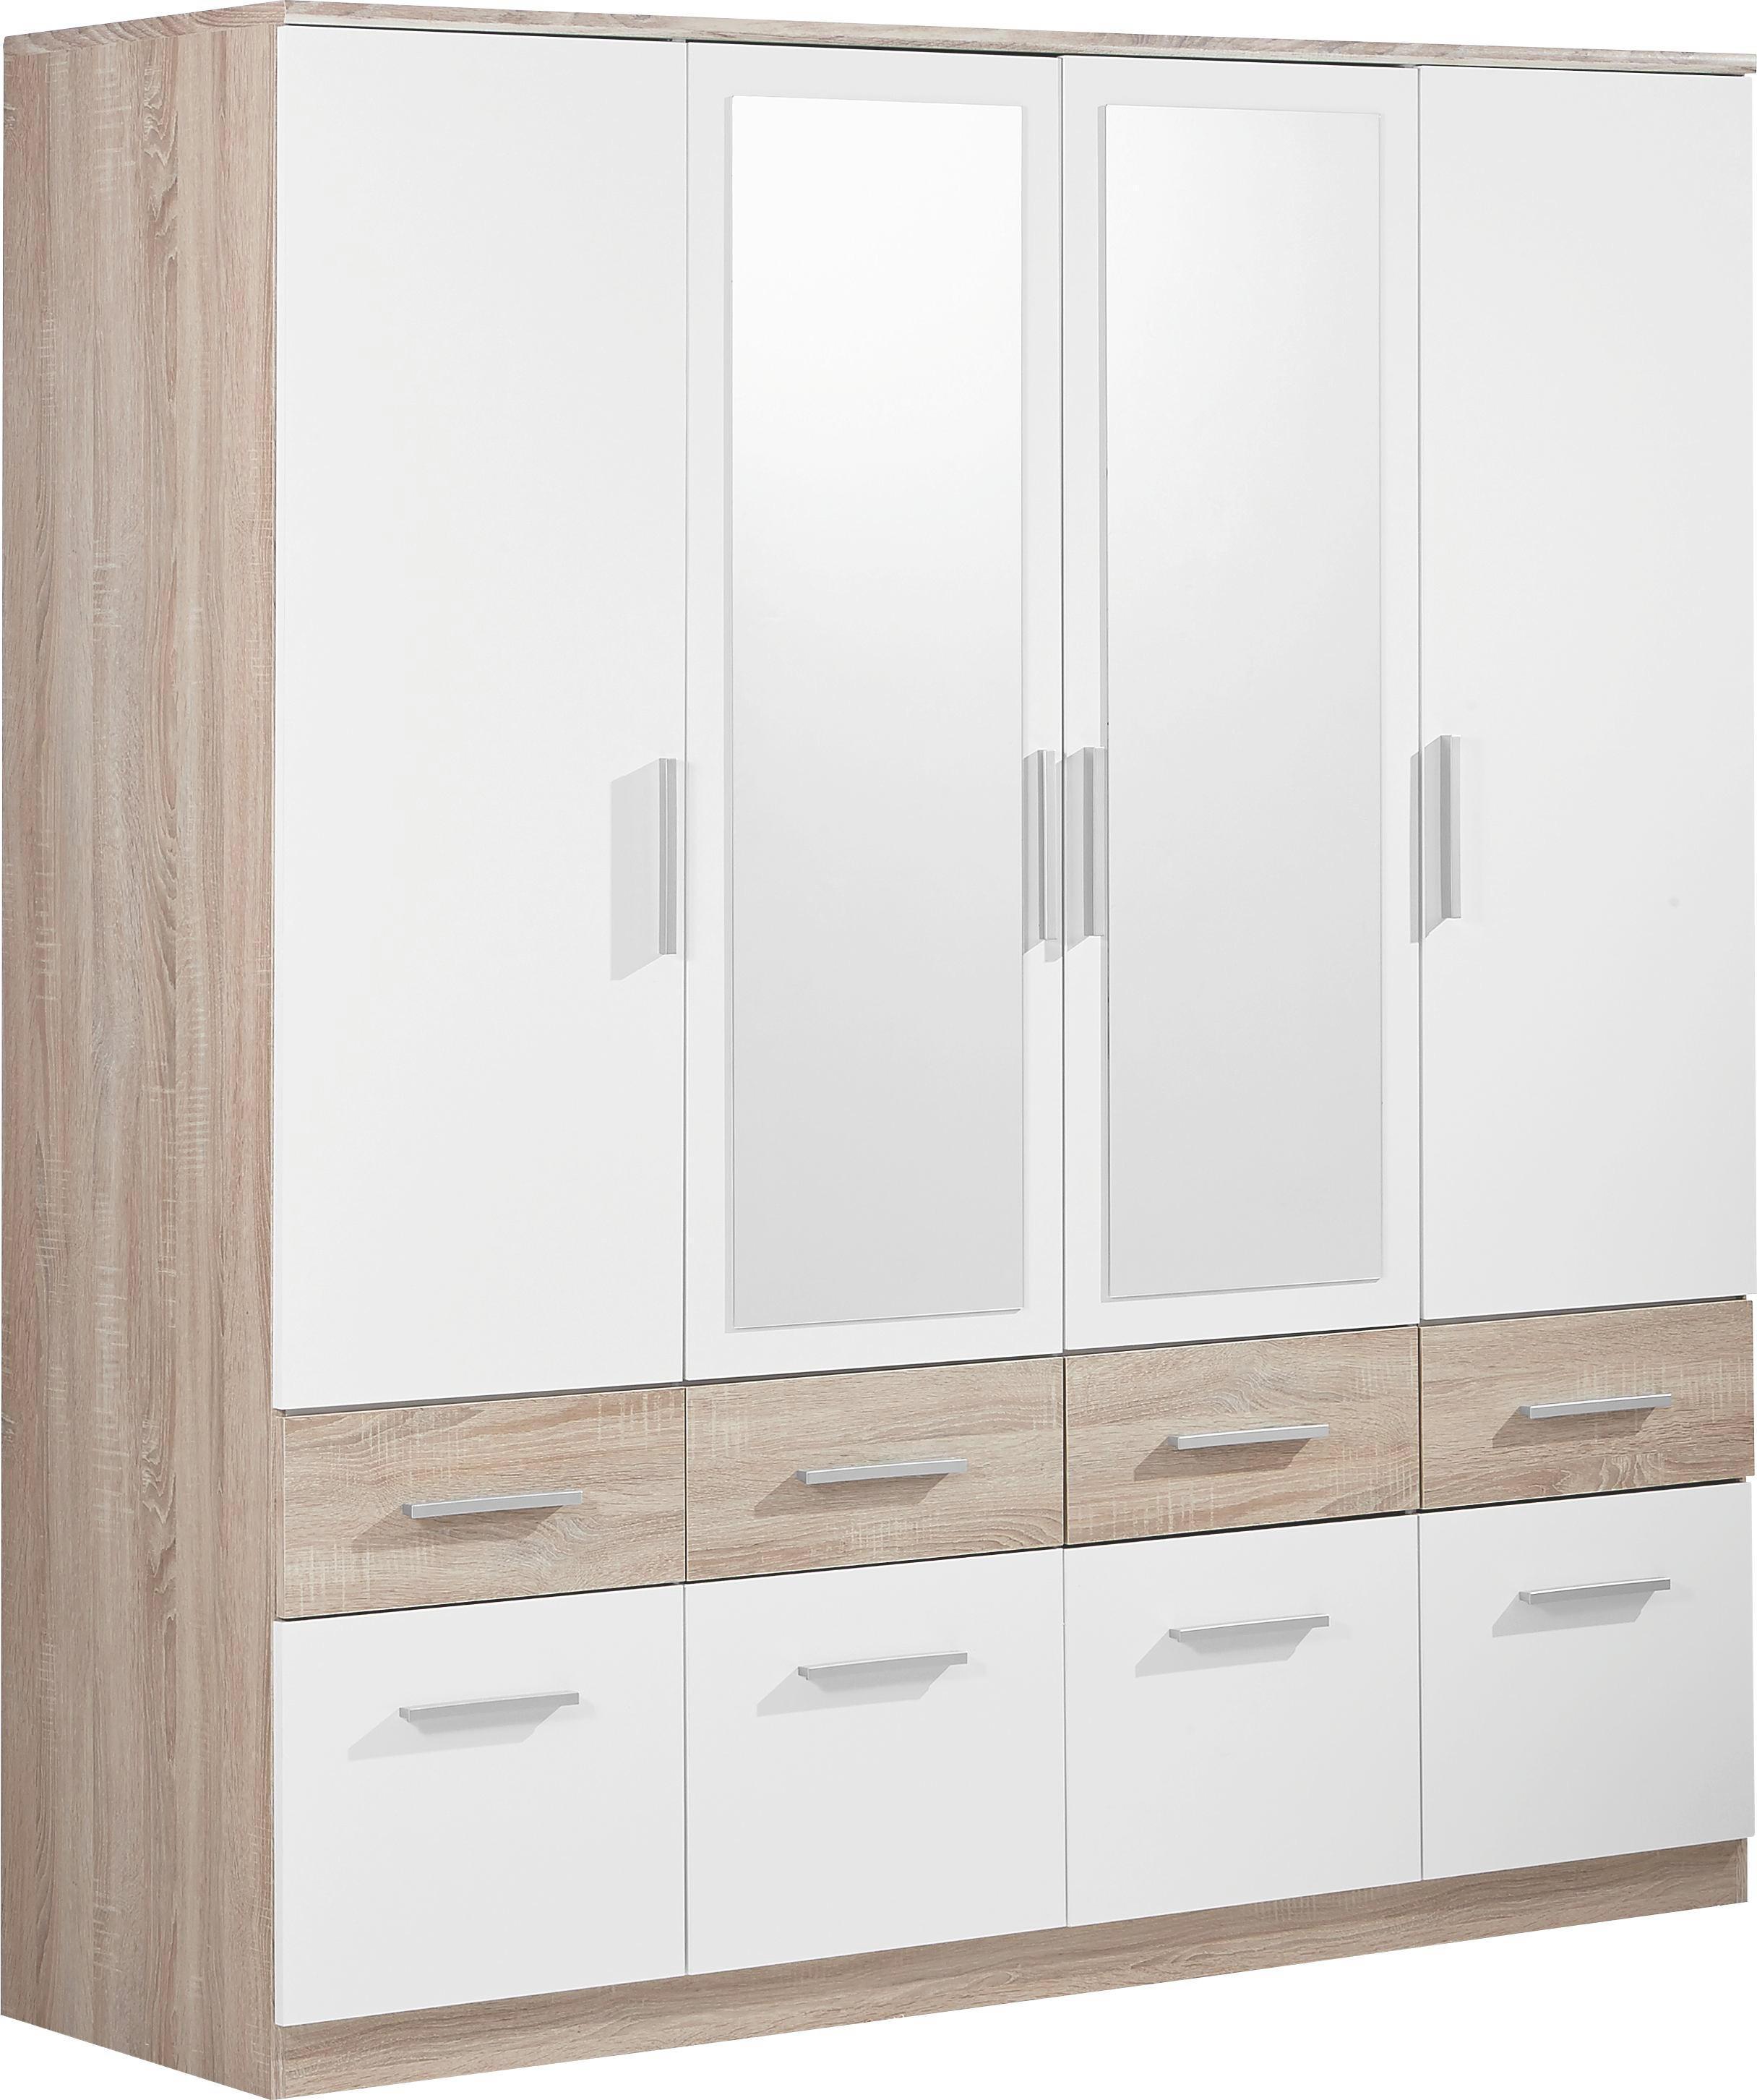 Kleiderschrank weiß mit spiegel  Großer Kleiderschrank in Weiß mit Spiegel